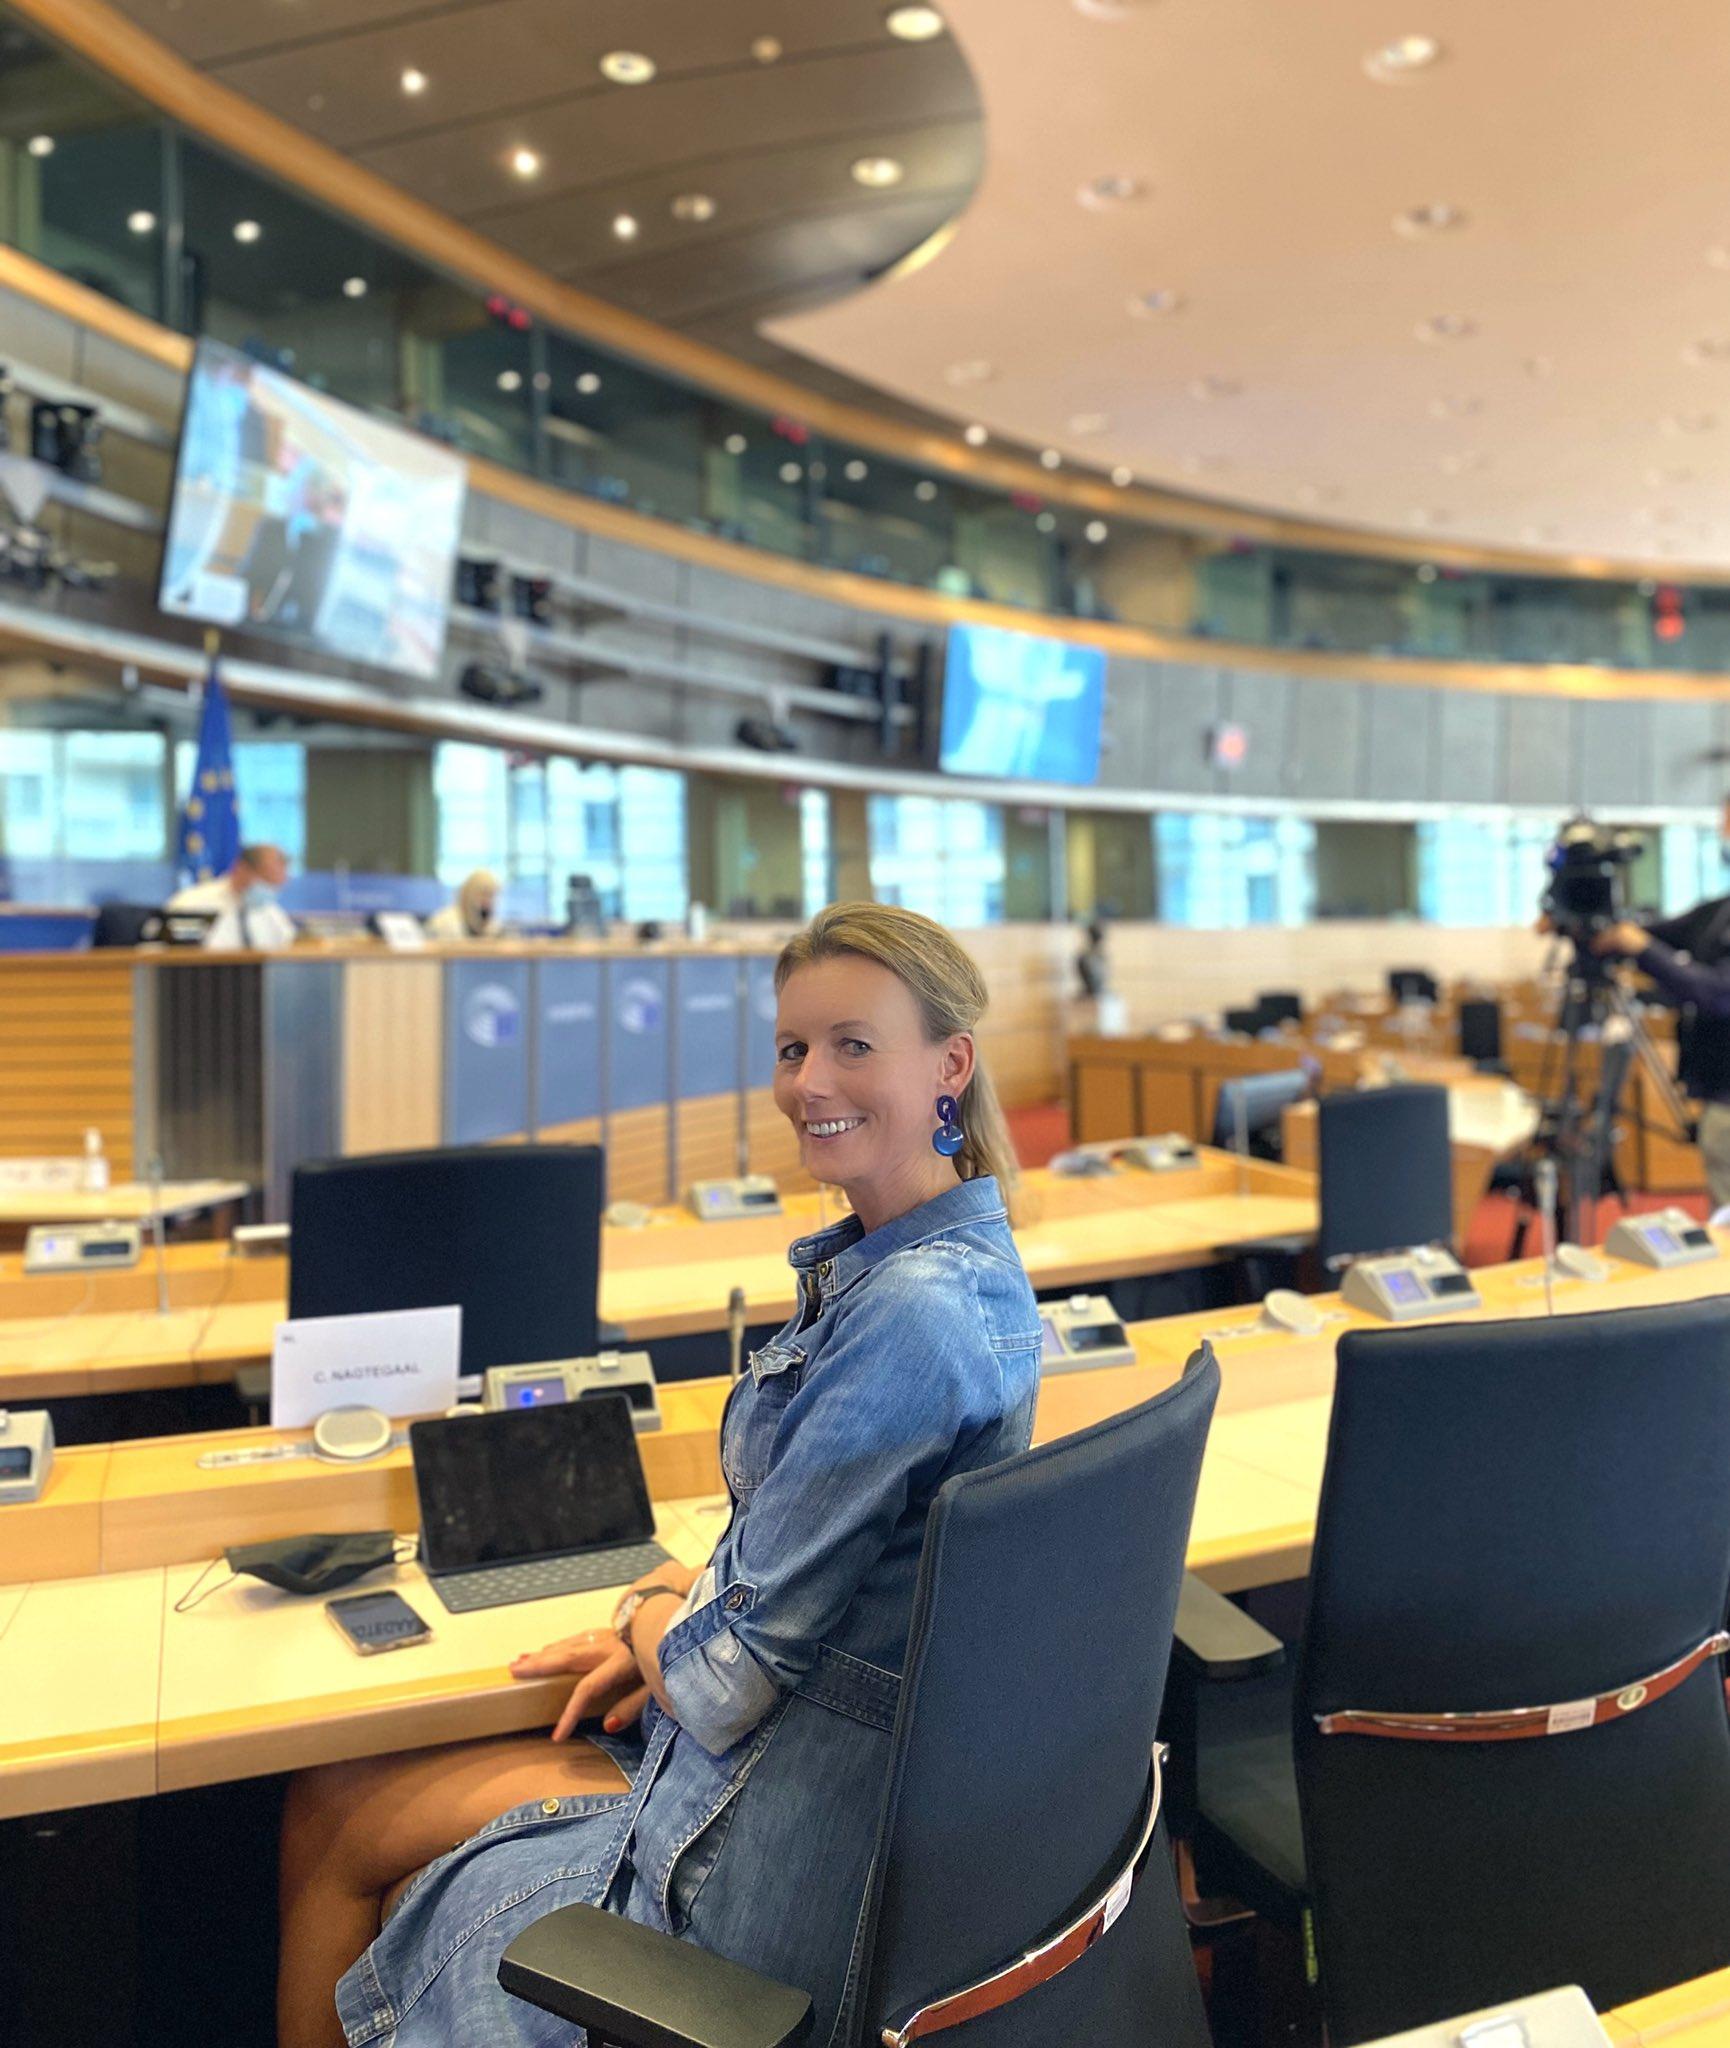 Nagtegaal-Van Doorn riep in haar rapport om betere infrastructuur, meer fondsen en een grote rol voor automatisering en vergroening. (Foto Caroline Nagtegaal-Van Doorn)